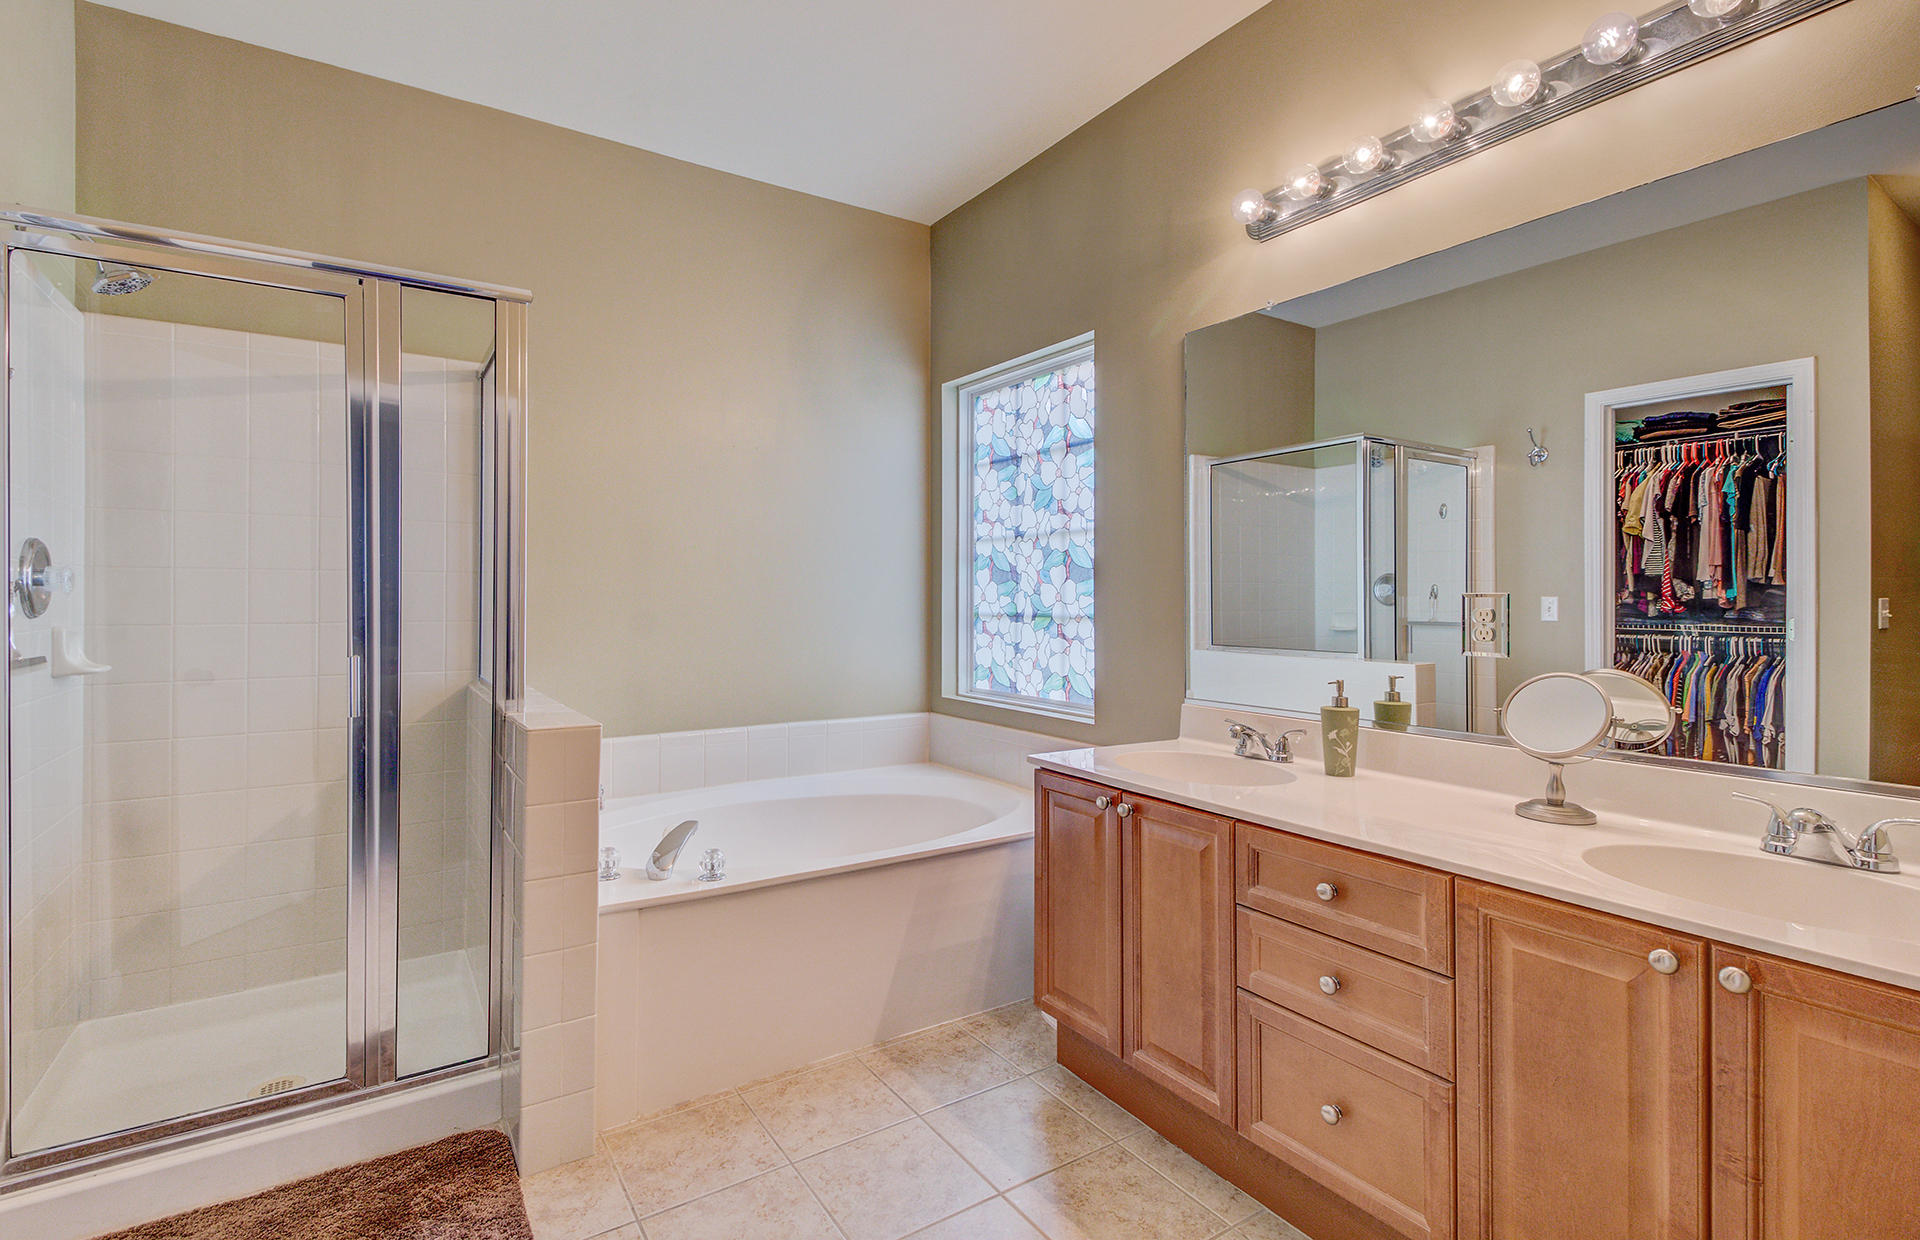 Park West Homes For Sale - 3120 Sonja, Mount Pleasant, SC - 10